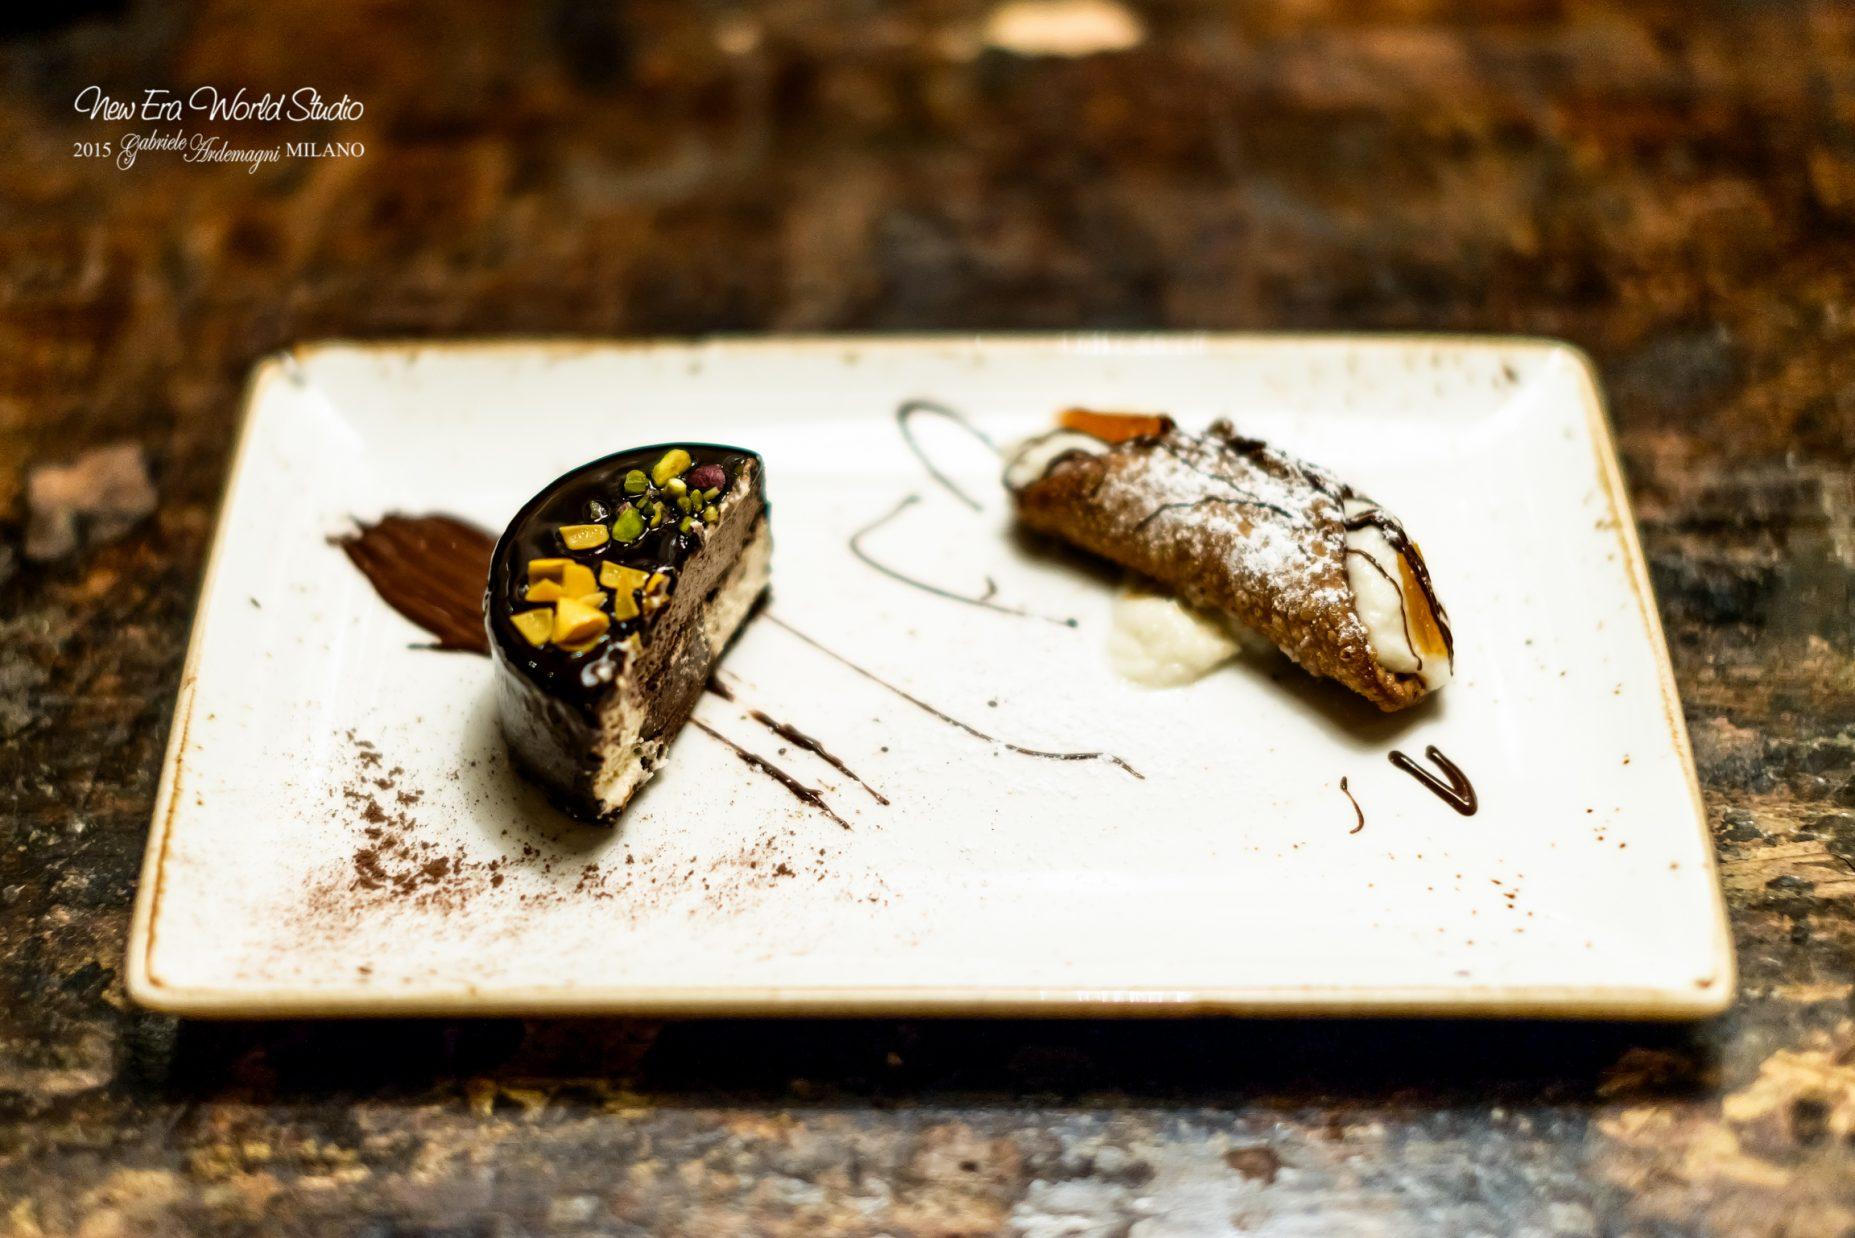 cannolo-di-ricotta-e-canditi-con-sette-veli-al-cioccolato-piatto-1